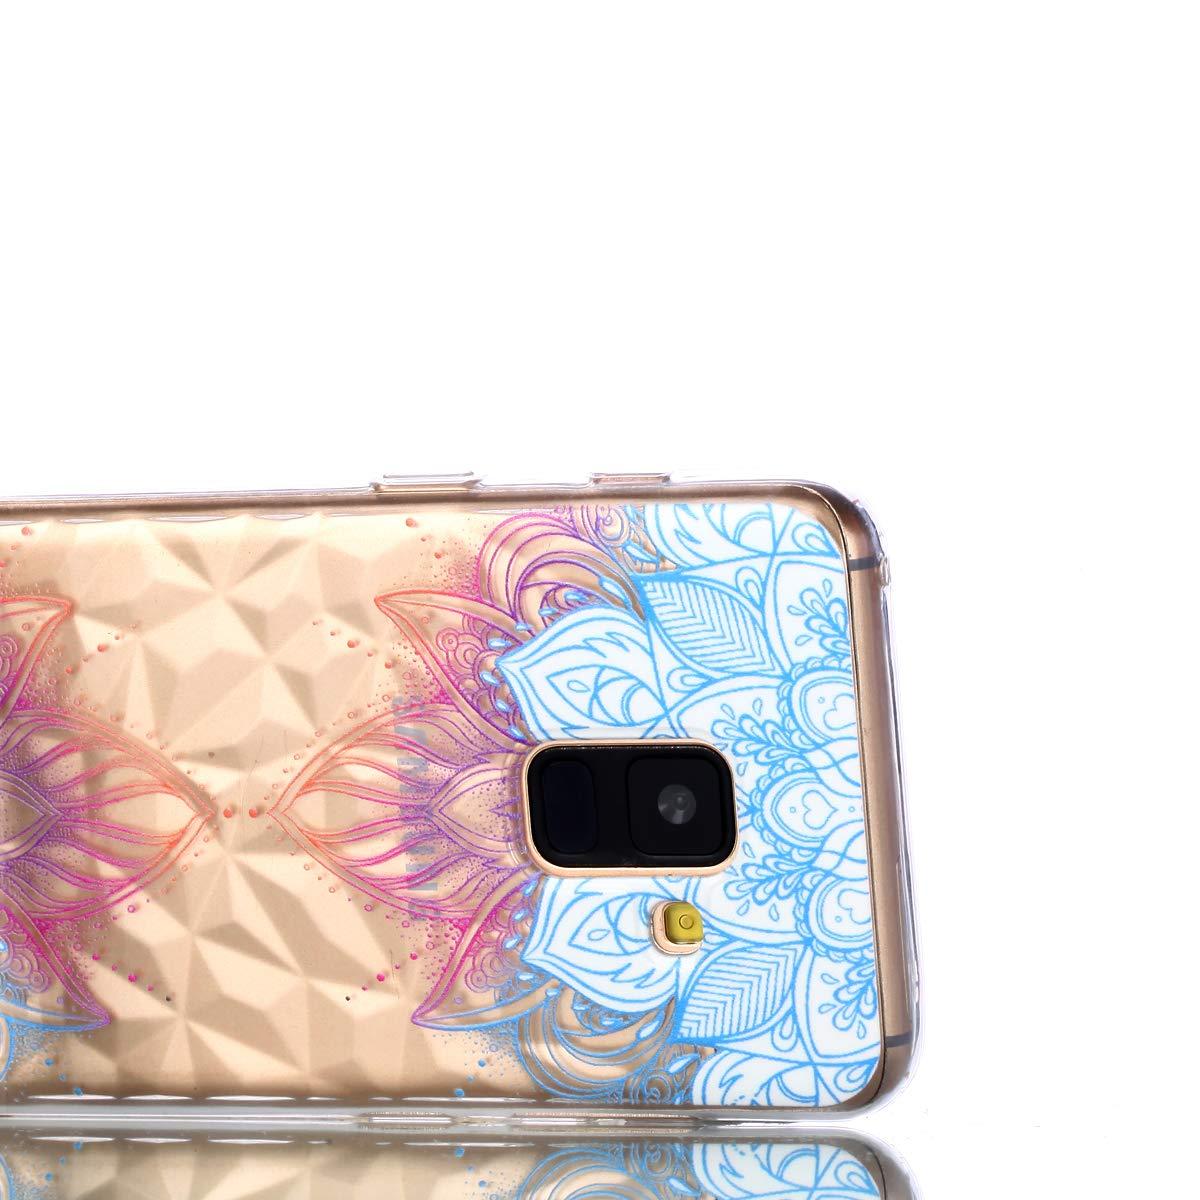 Flexible TPU Silicone Arri/ère Housse Couverture de Protection Artfeel Ultra Mince Souple Clair Coque pour Samsung Galaxy A8 2018,/Étui en Relief Fleur Mandala G/éom/étrique Motif